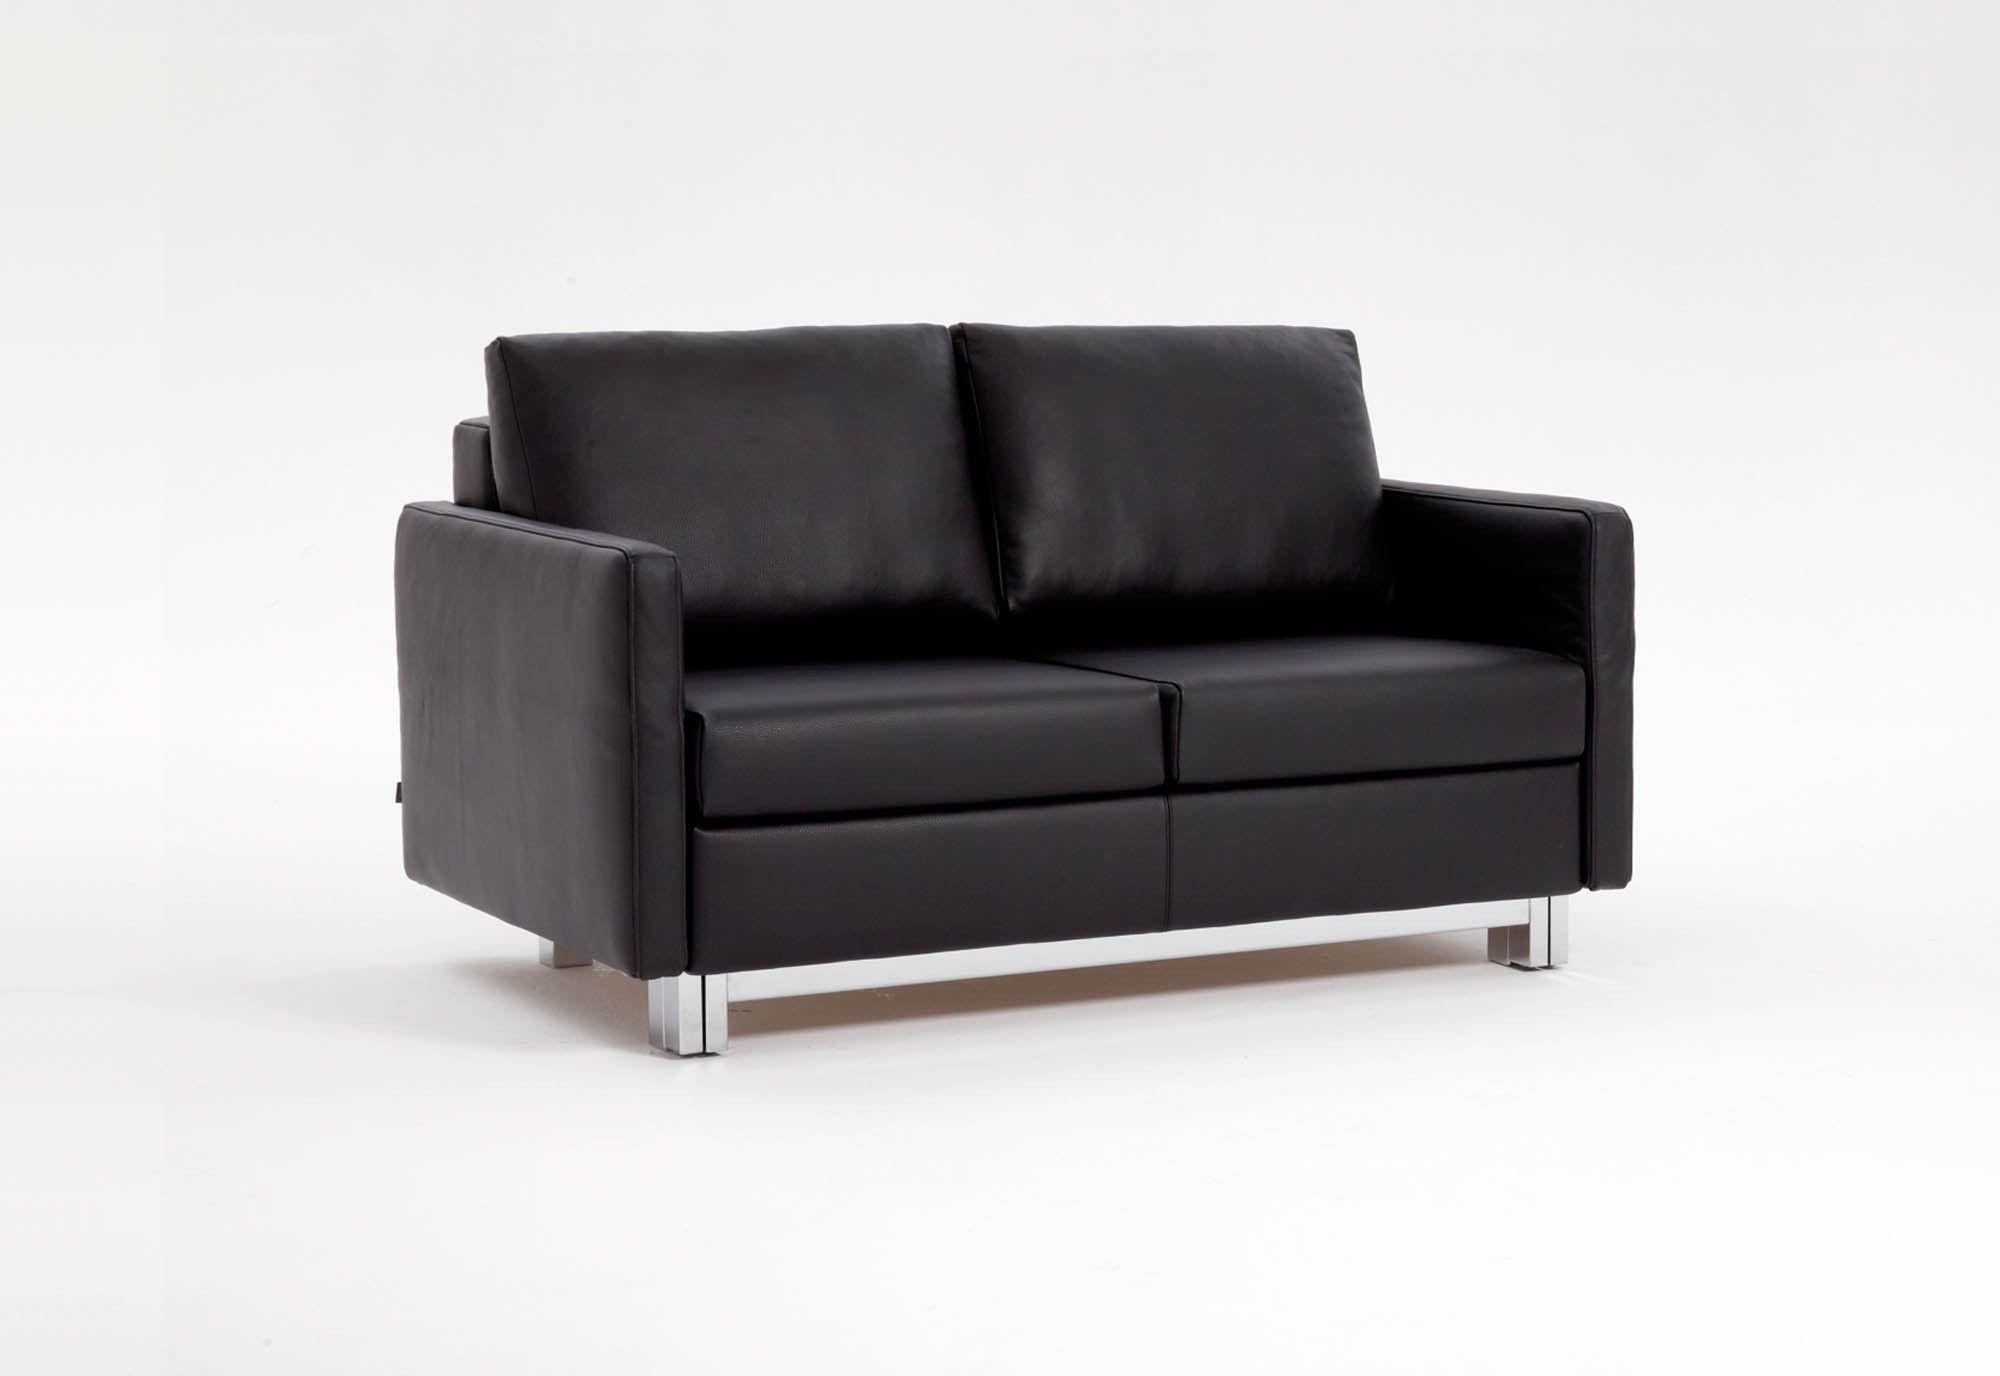 confetto ffertig contemporary living room. Das Schlafsofa Cubismo Von Franz Fertig - Geradlinig Und Kompakt! Confetto Ffertig Contemporary Living Room O